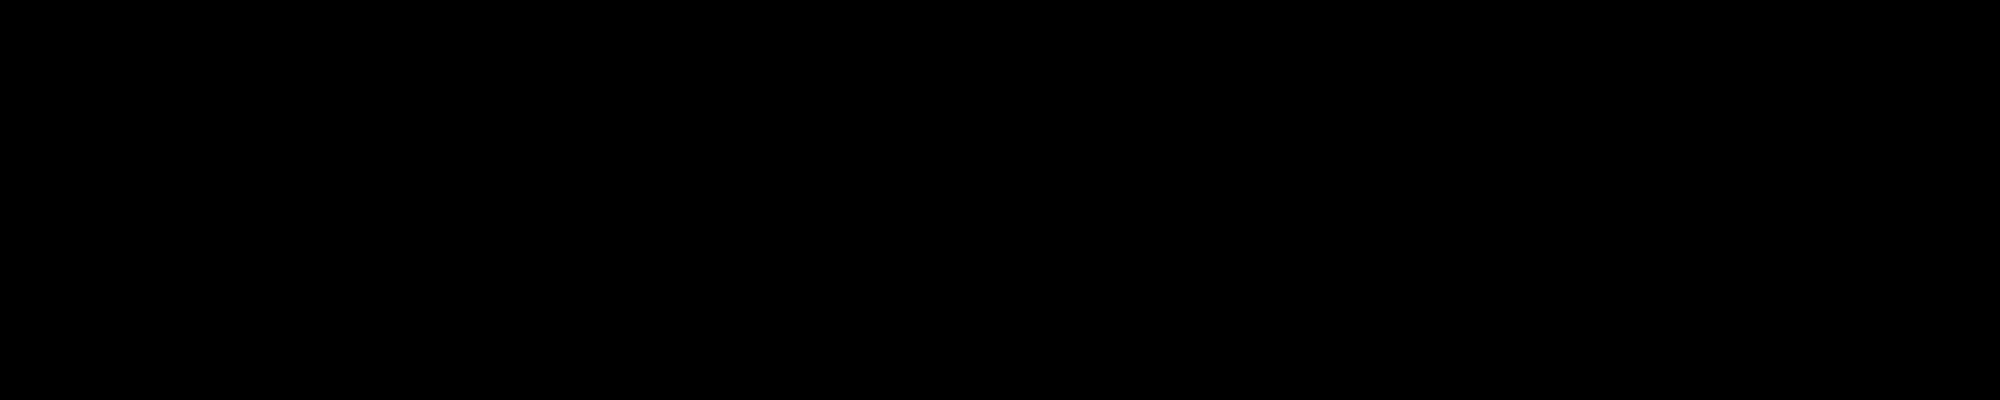 Philip Agnello Creative Consulting Logo